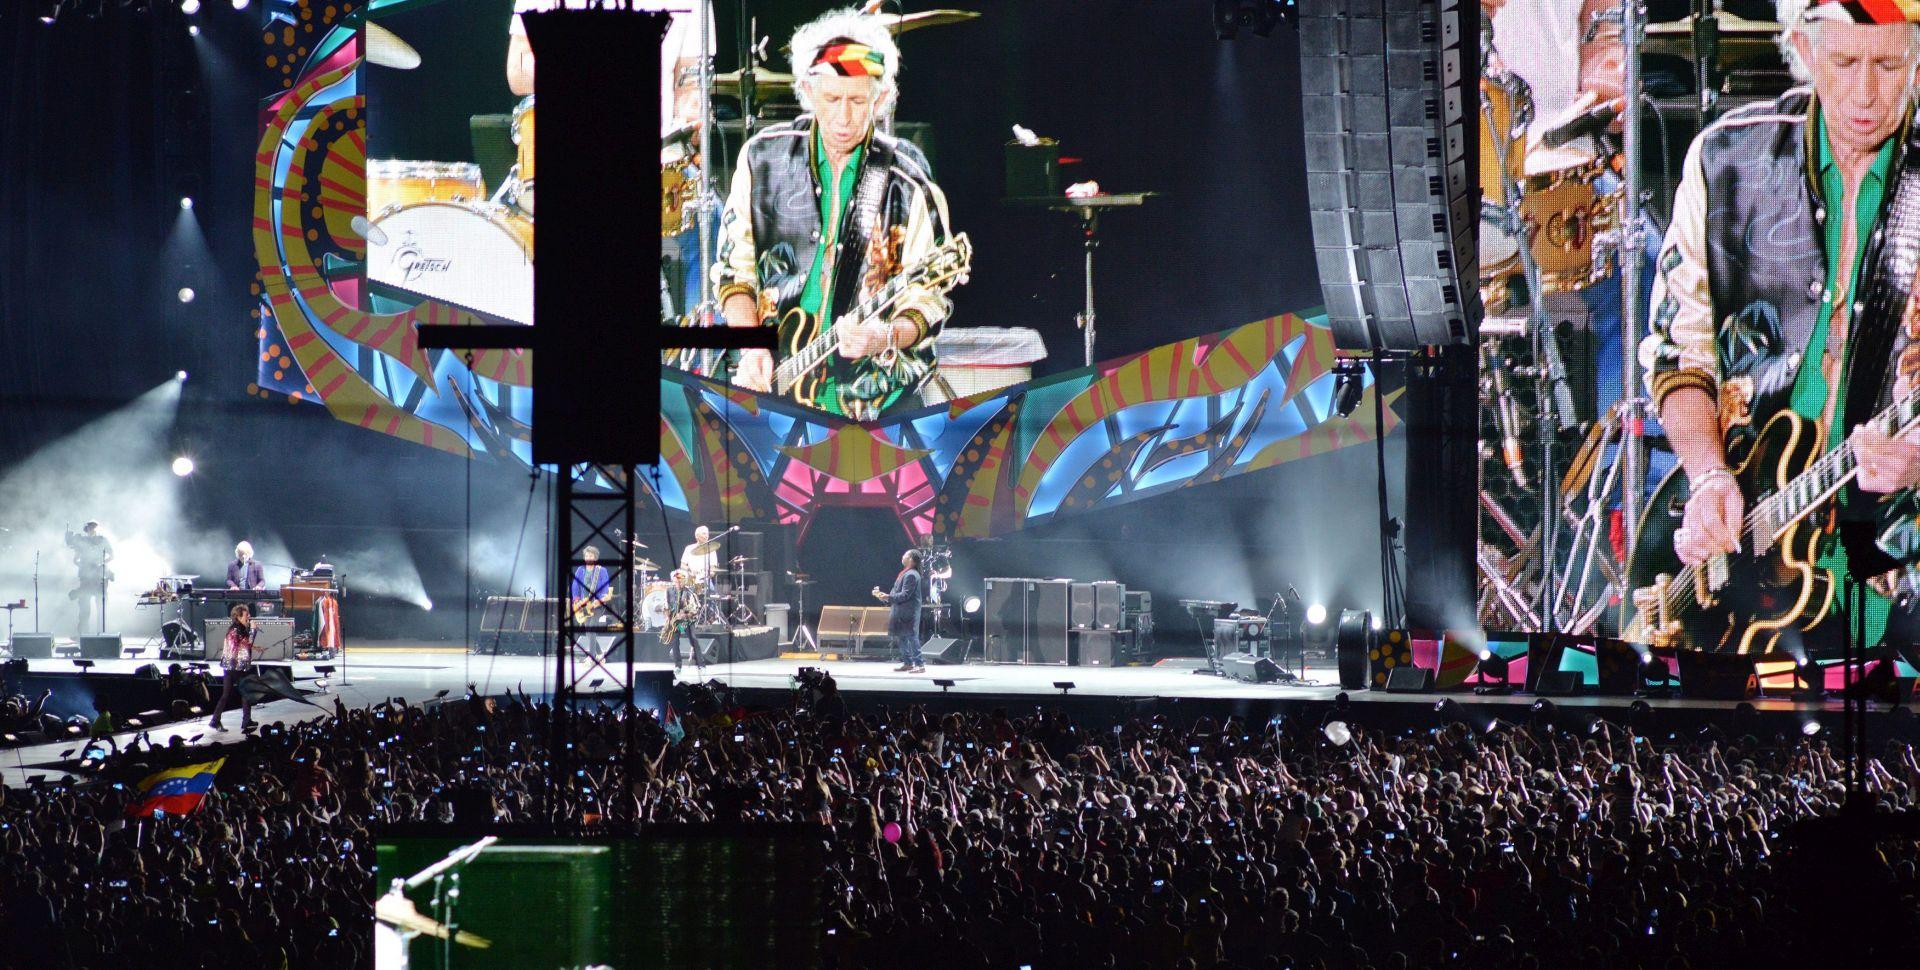 FOTO: Rolling Stonesi održali povijesni koncert na Kubi